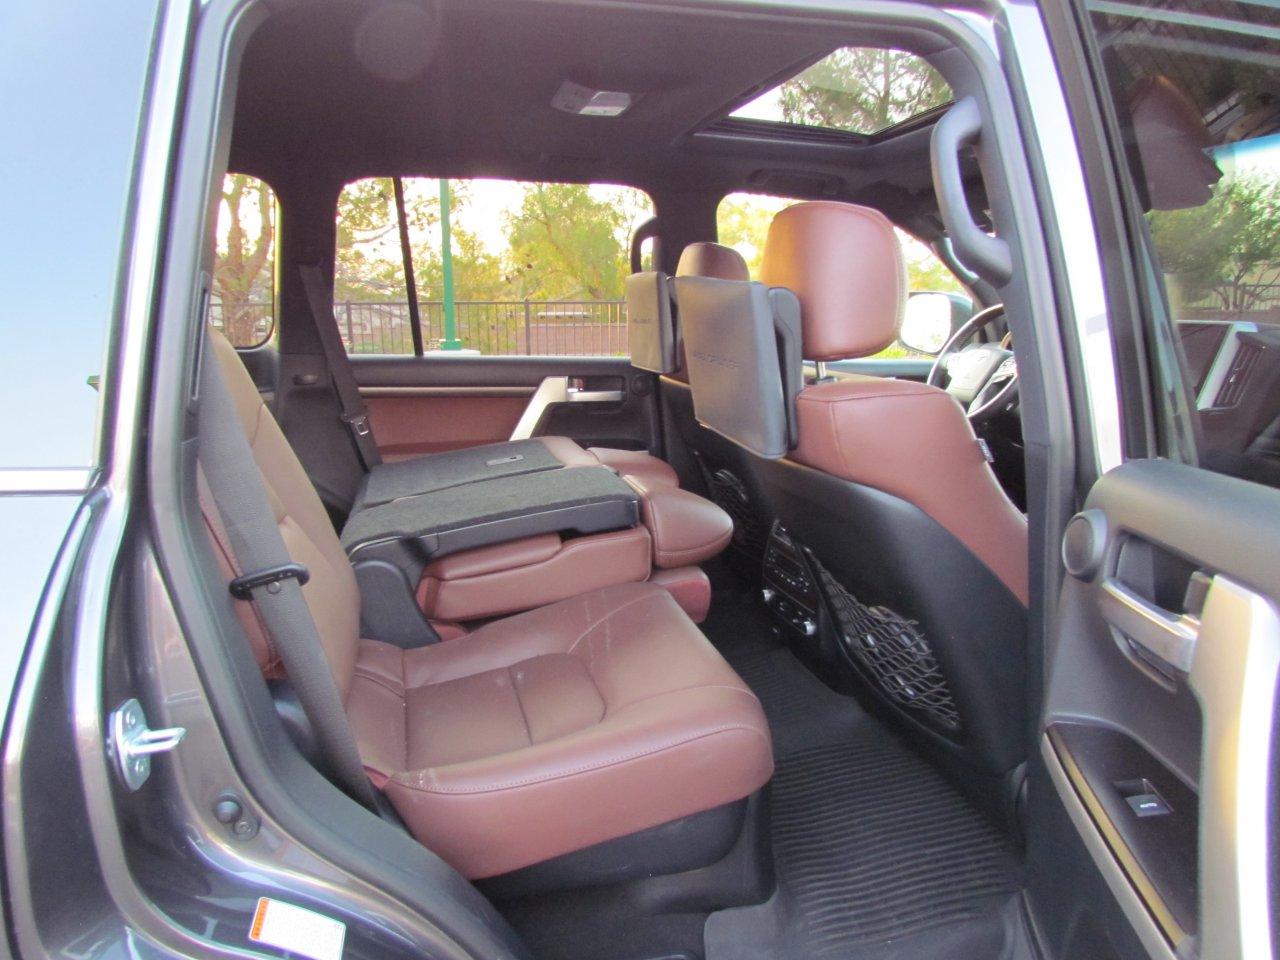 Land Cruiser, Driven: Toyota's Land Cruiser is an SUR — a sport utility refrigerator, ClassicCars.com Journal